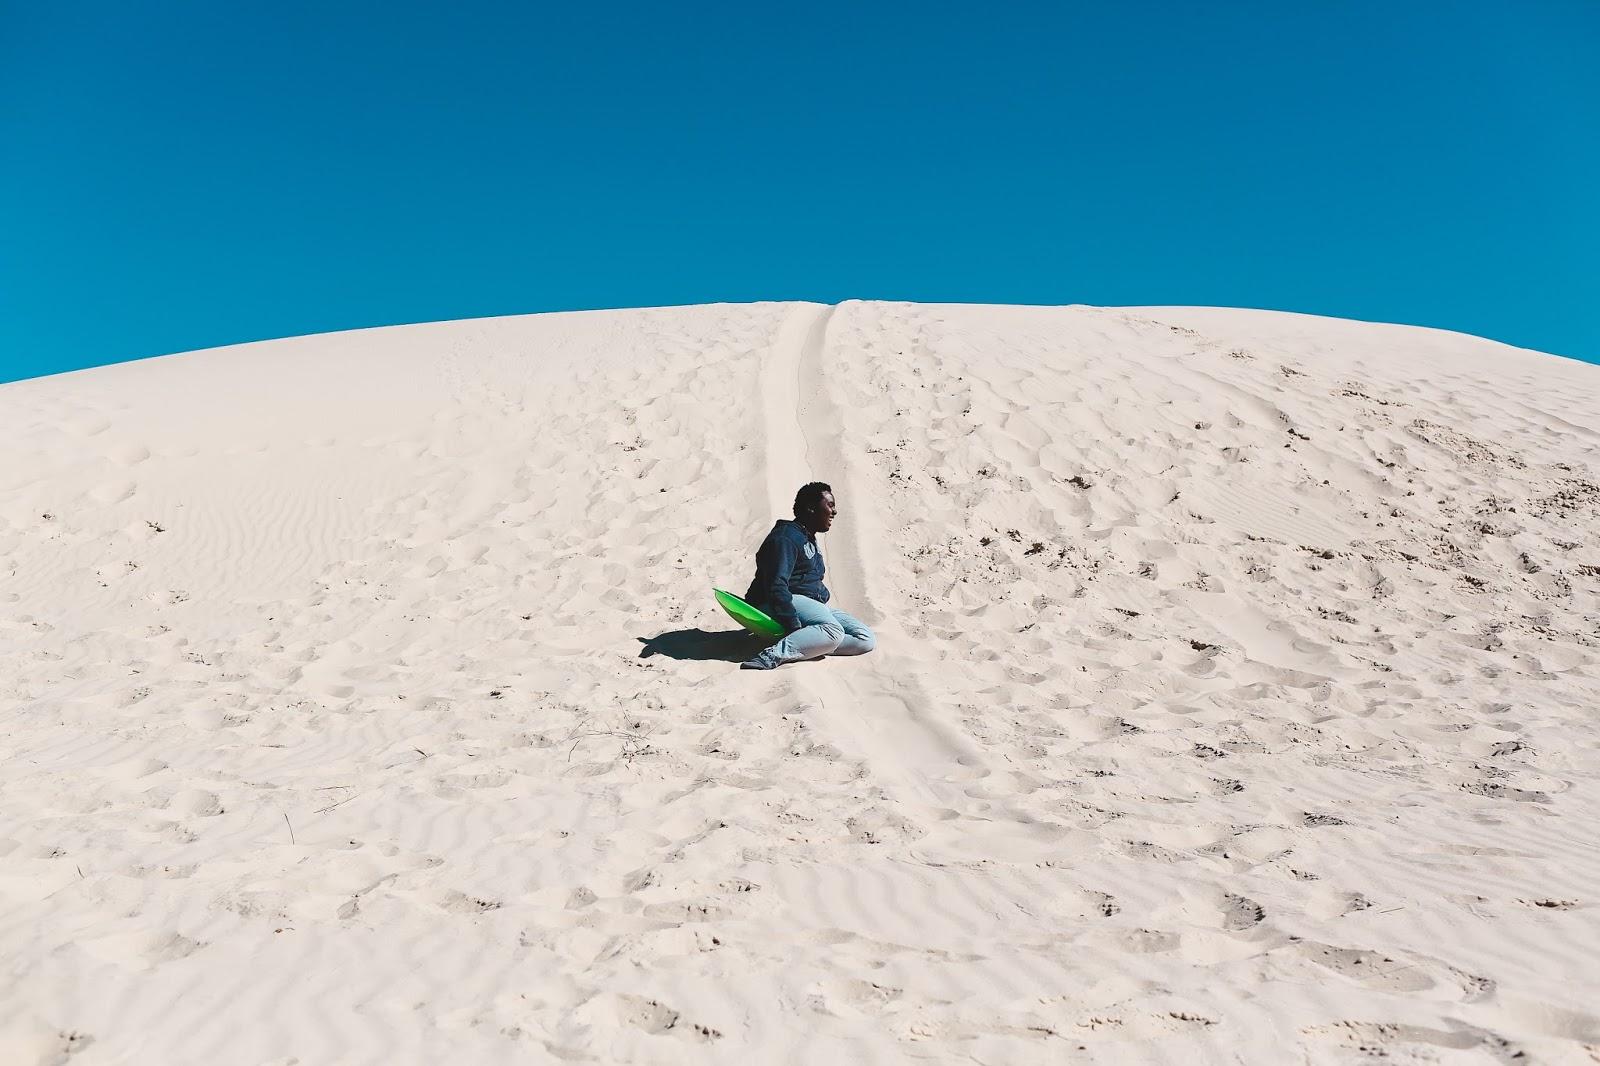 Sand Surfing in Monahans Sandhills State Park